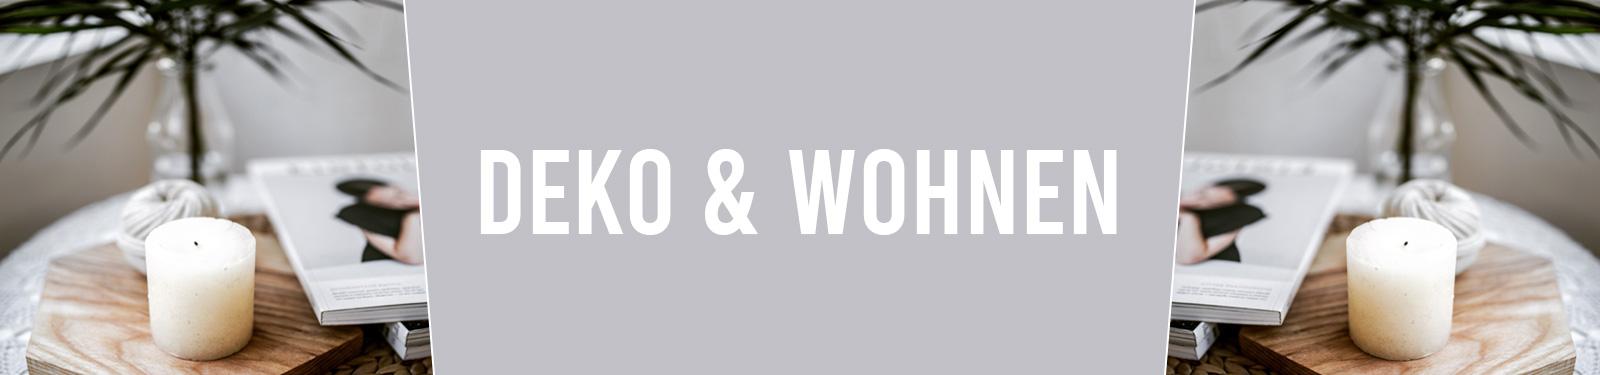 Deko & Wohnen